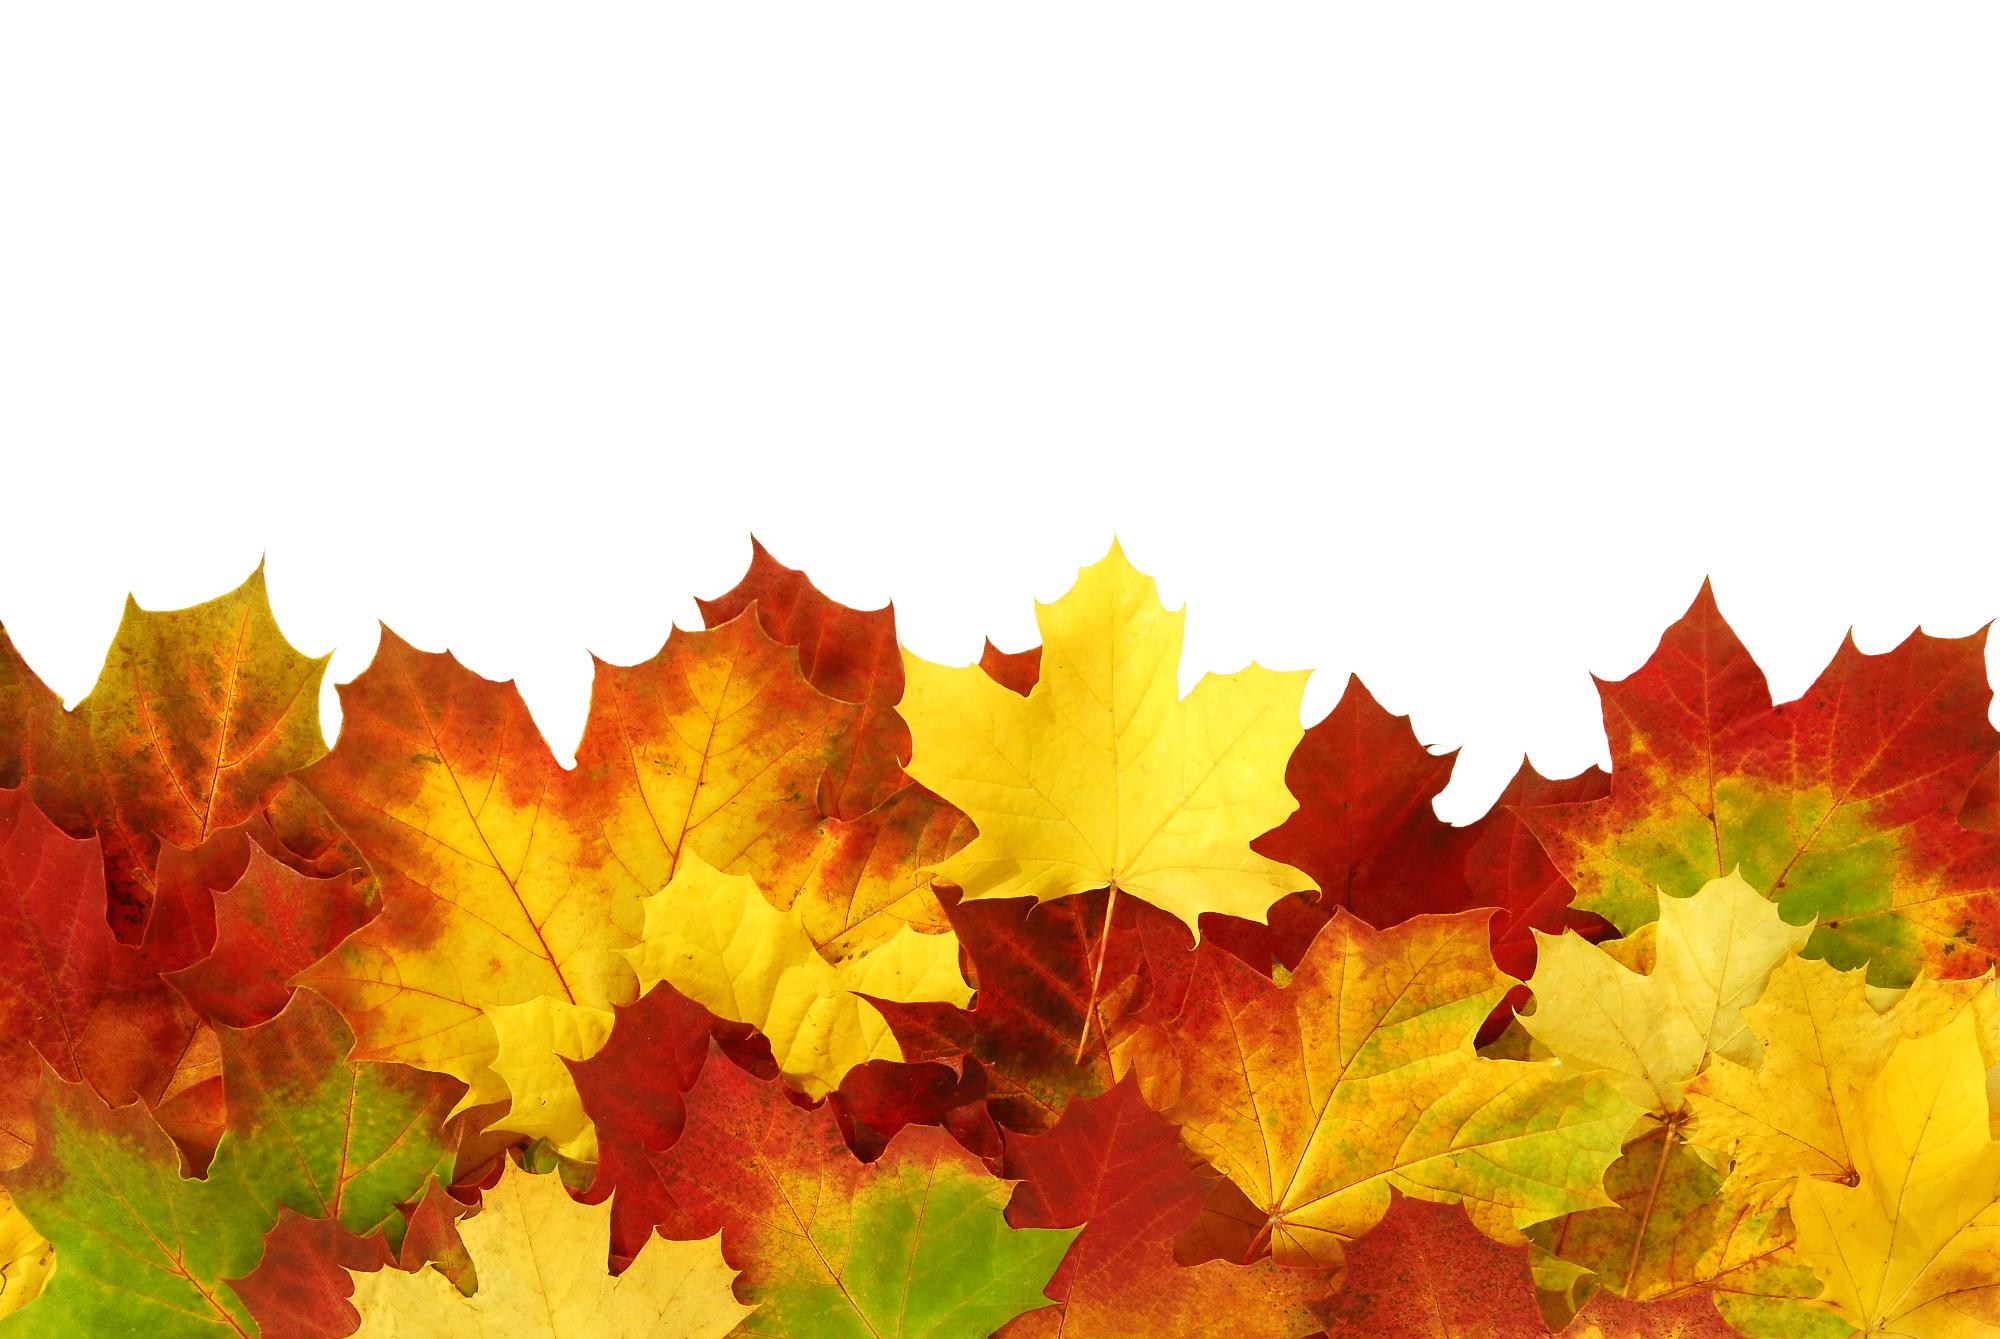 今年もそろそろ夏から秋へと季節の変わる時期になって来ました。秋というと、... カナダ・オタワで